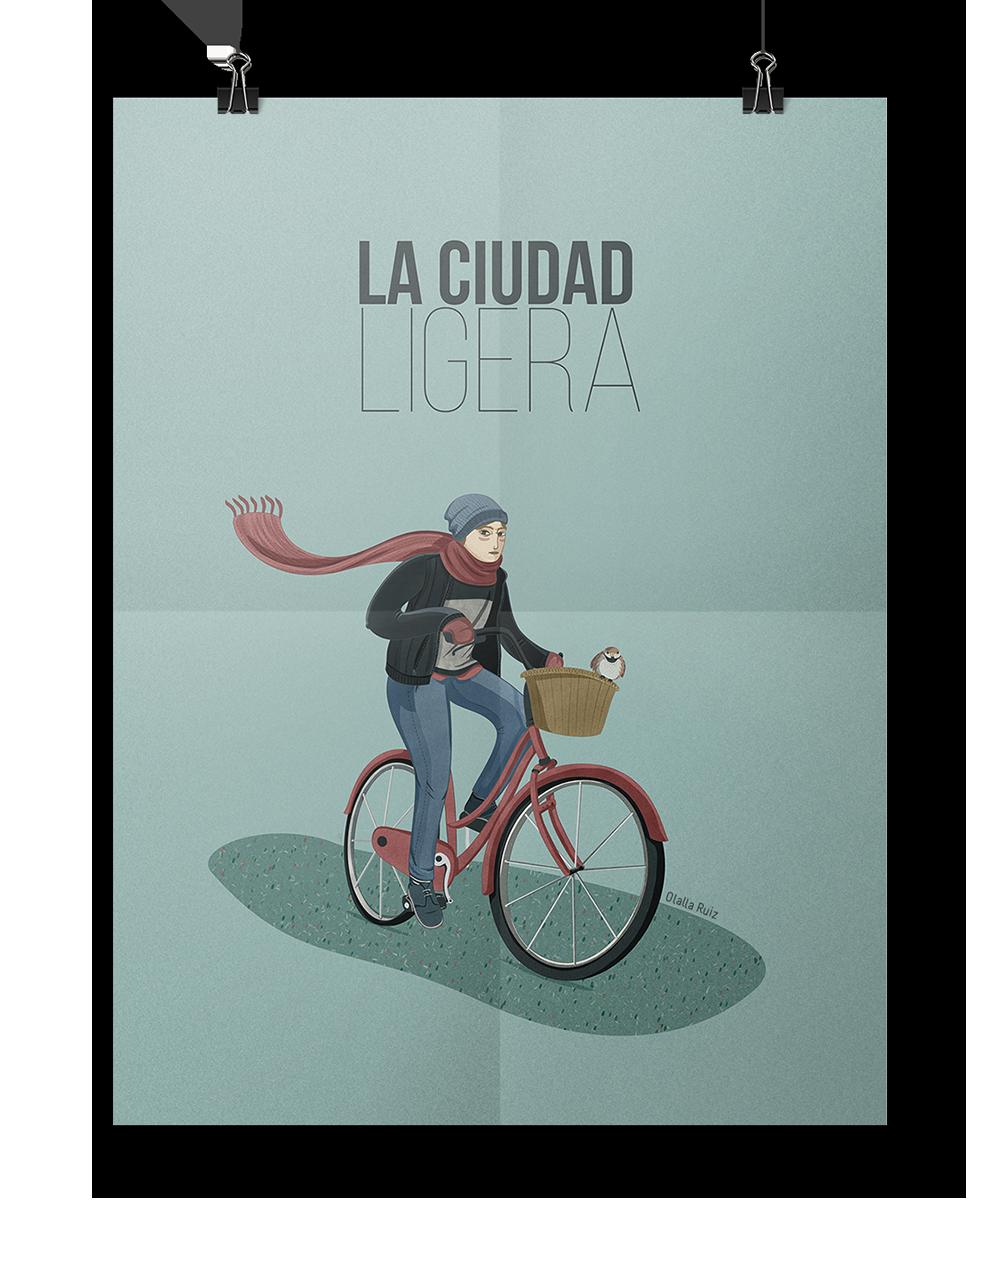 ilustración de ciclista. cartel la ciudad ligera